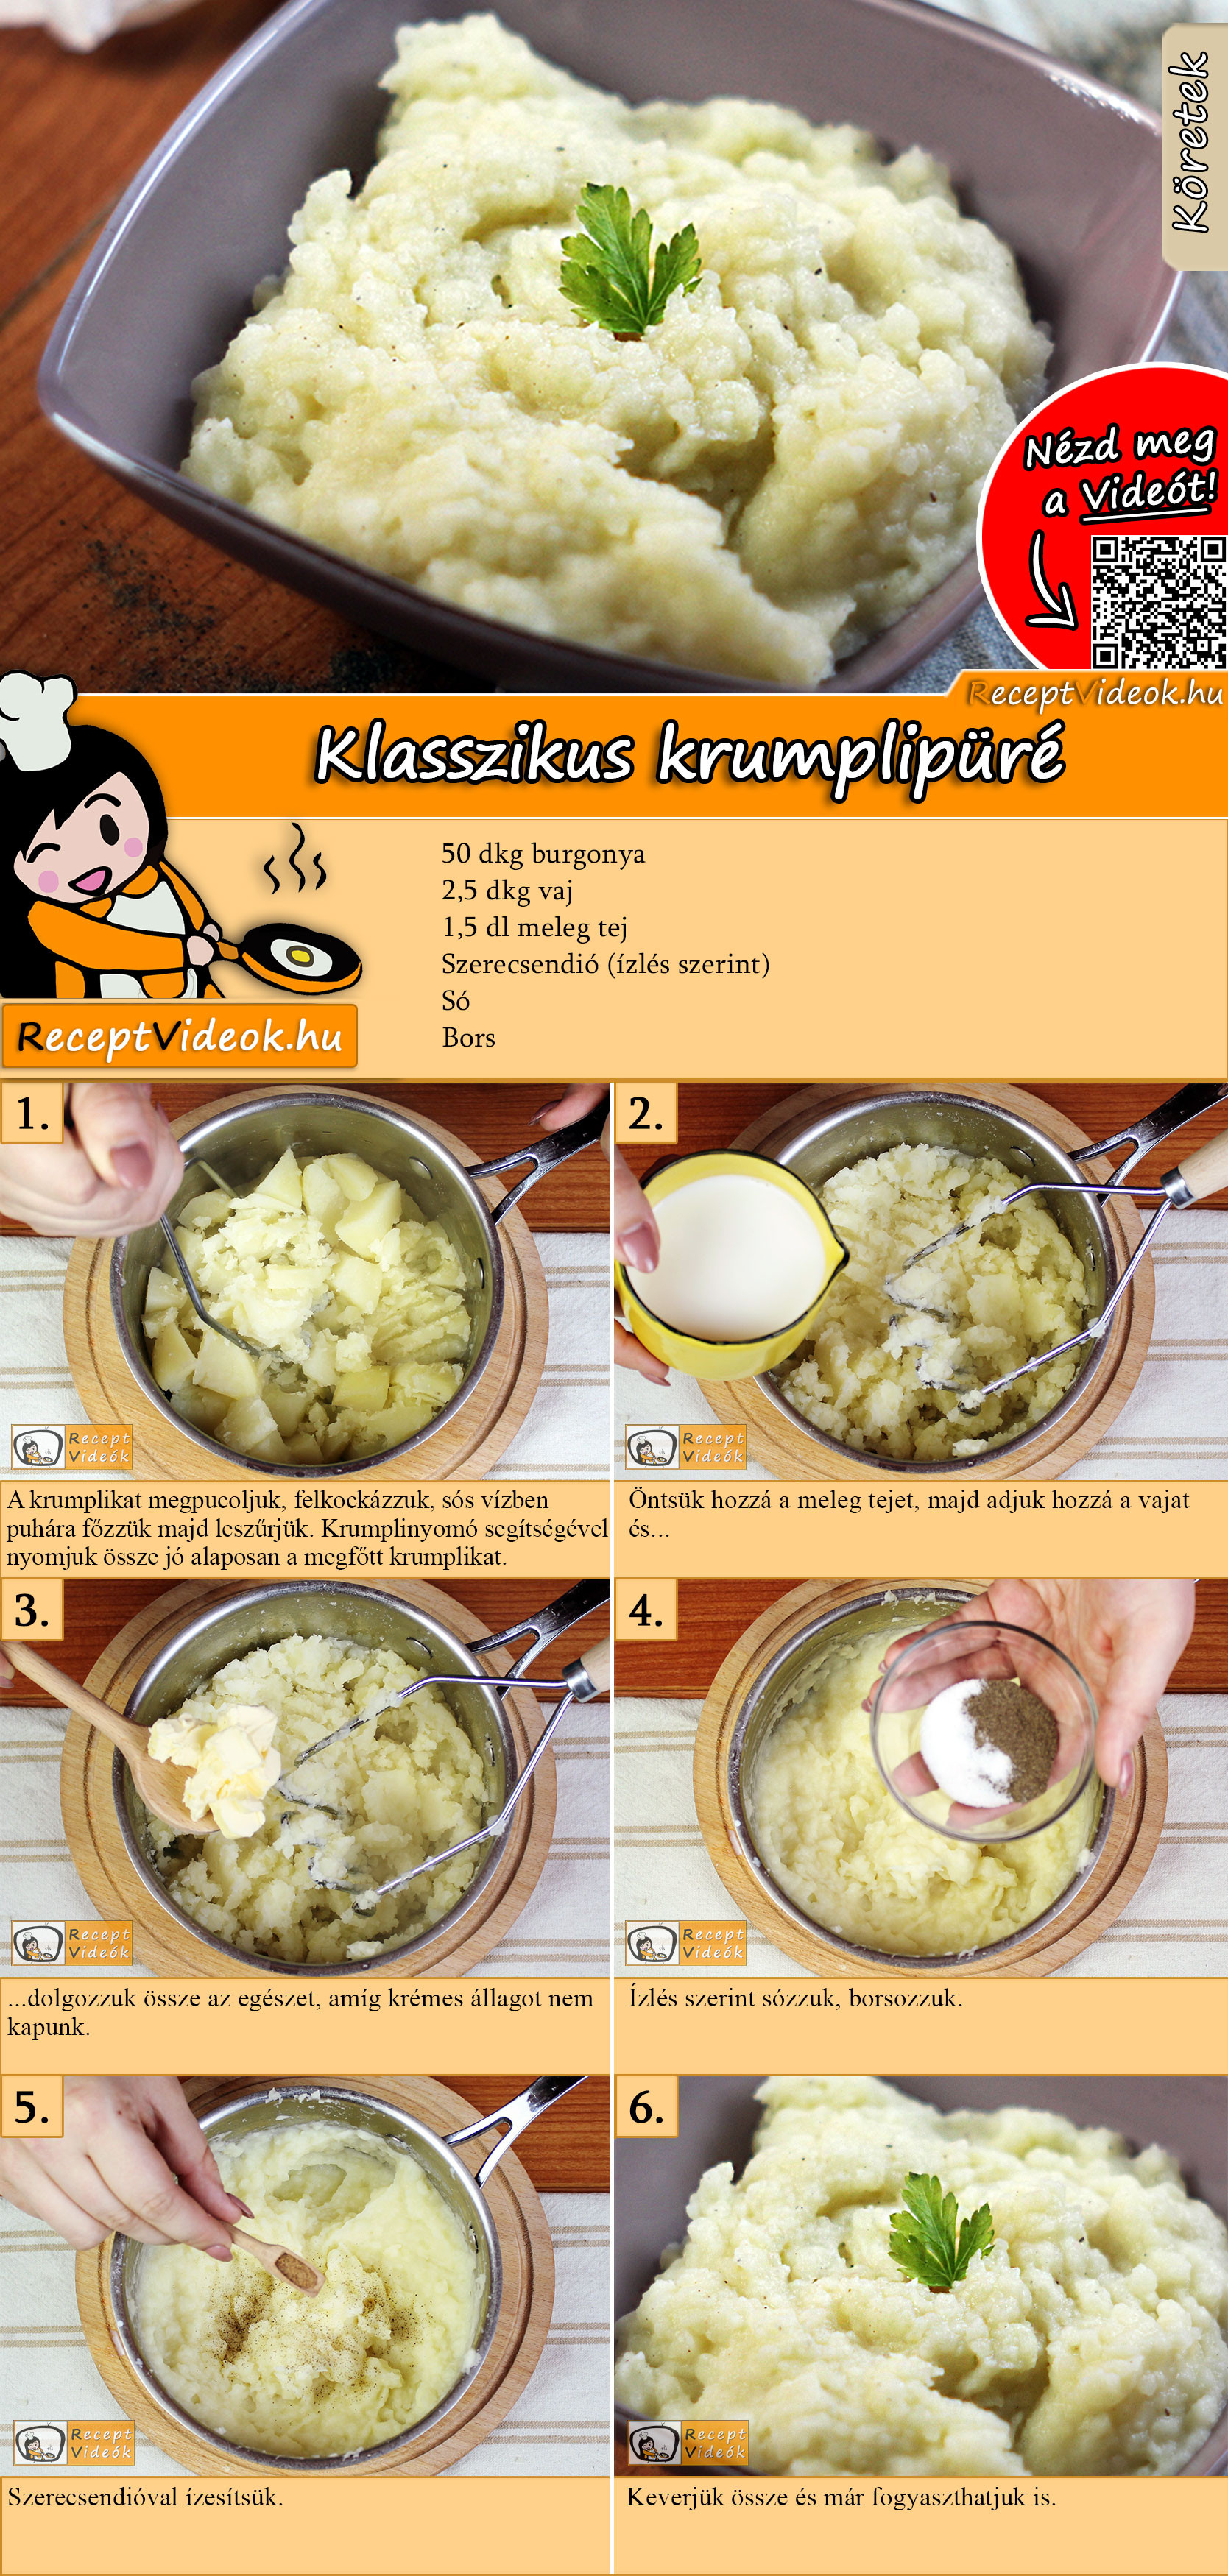 Klasszikus krumplipüré recept elkészítése videóval